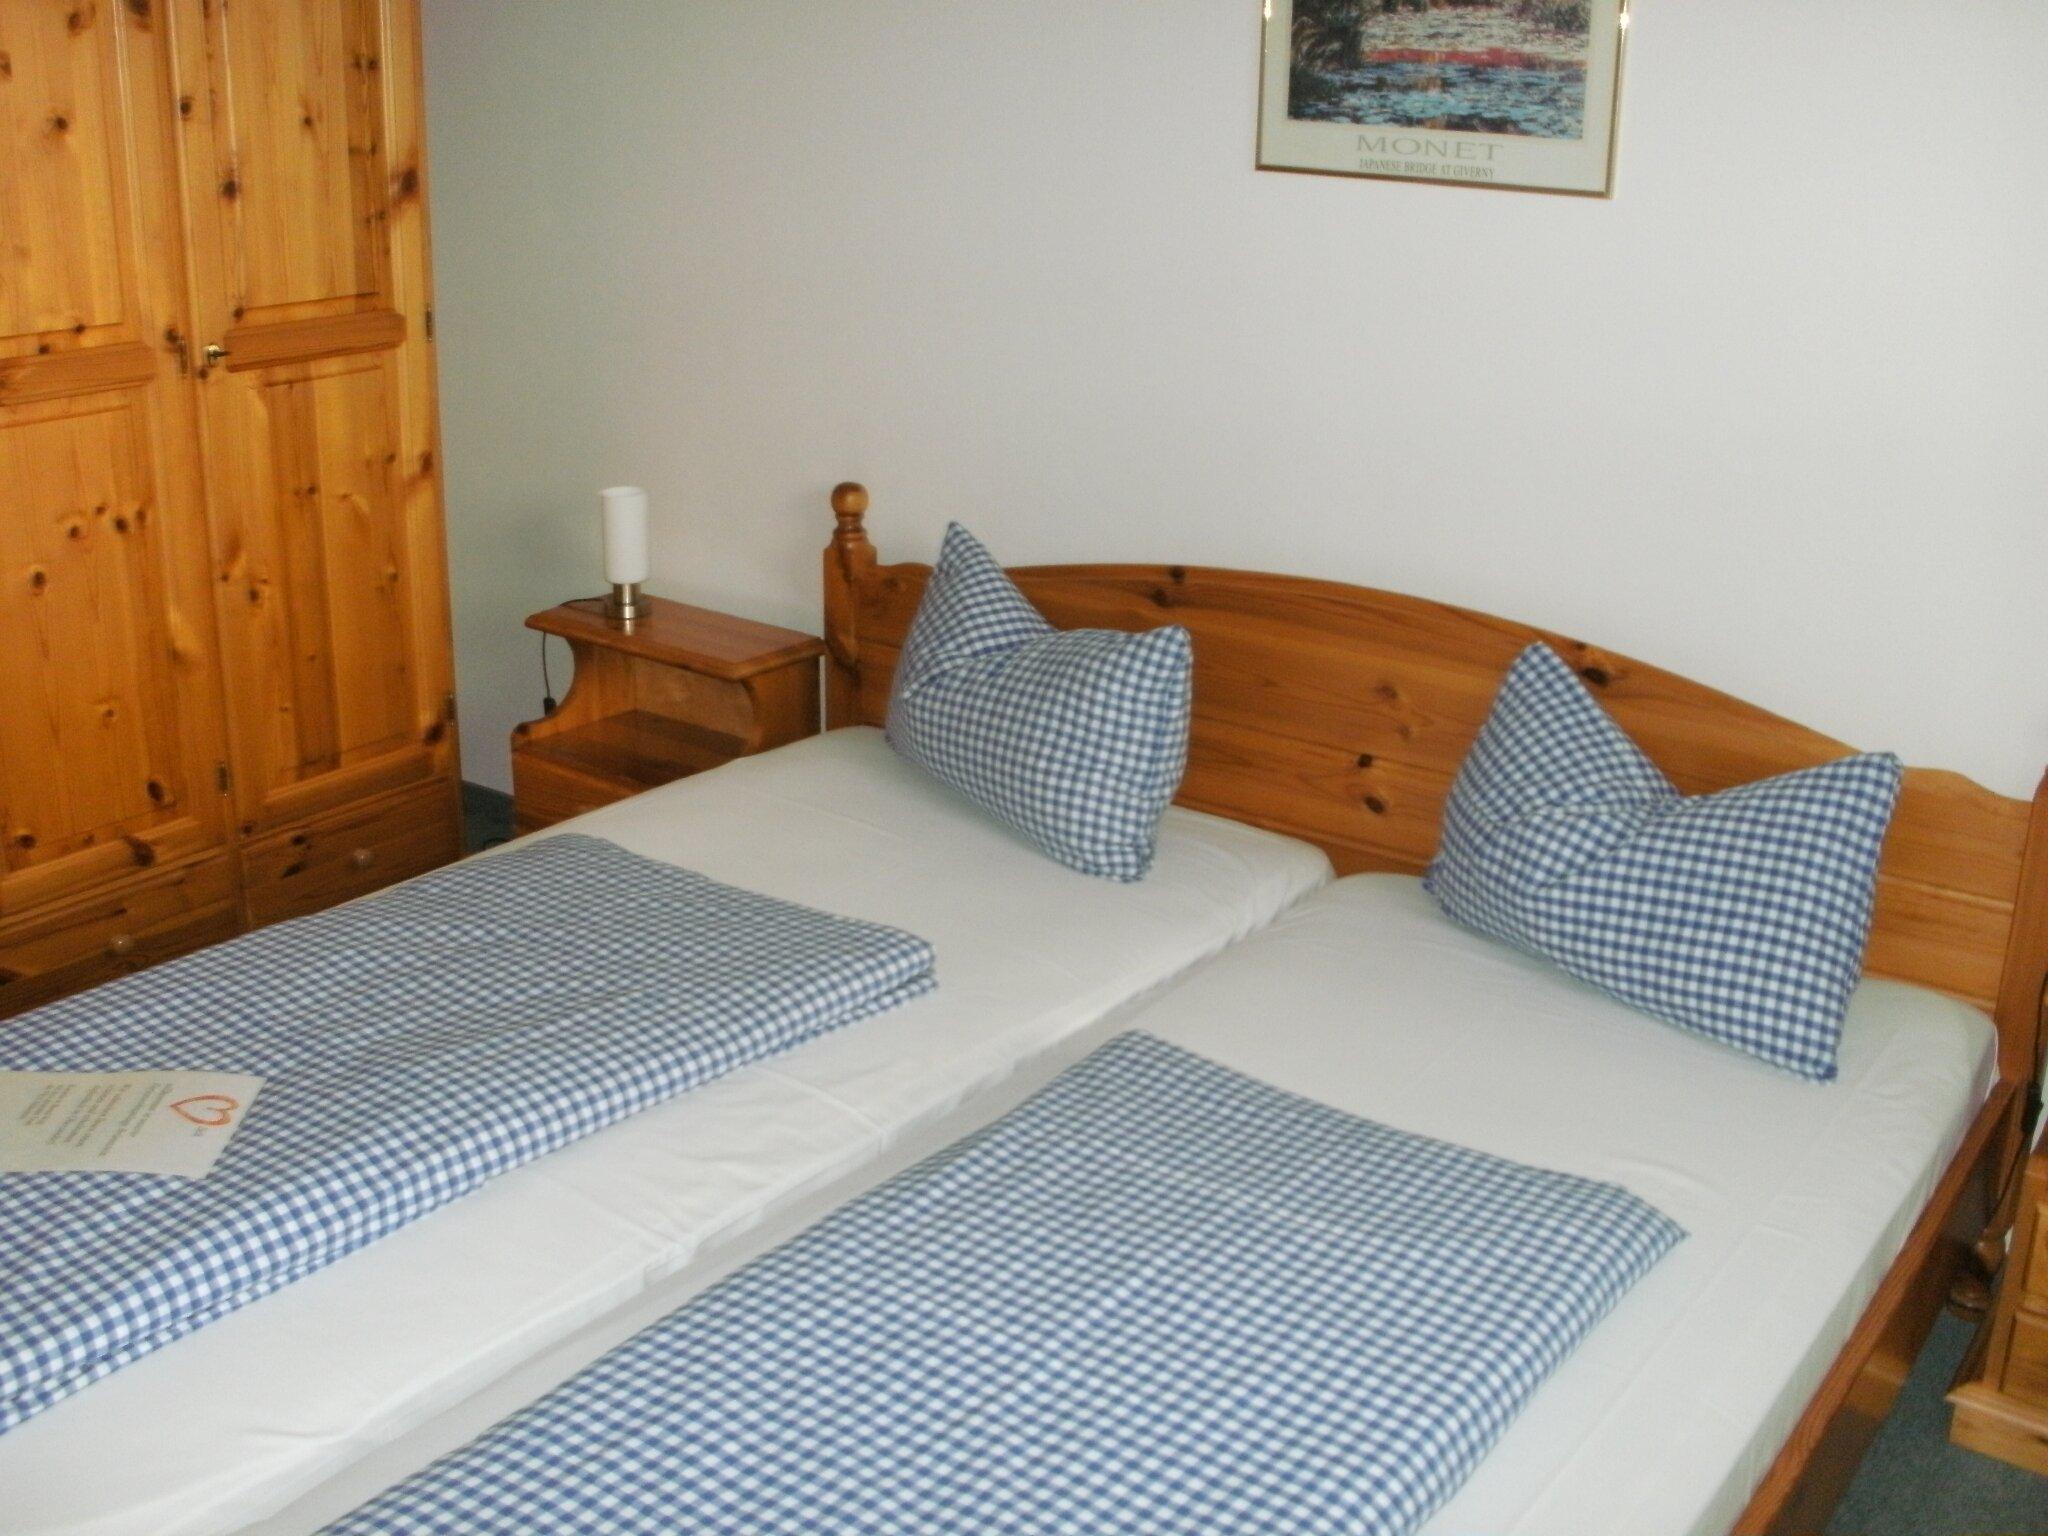 Schlafzimmer komplett mit der Wäsche